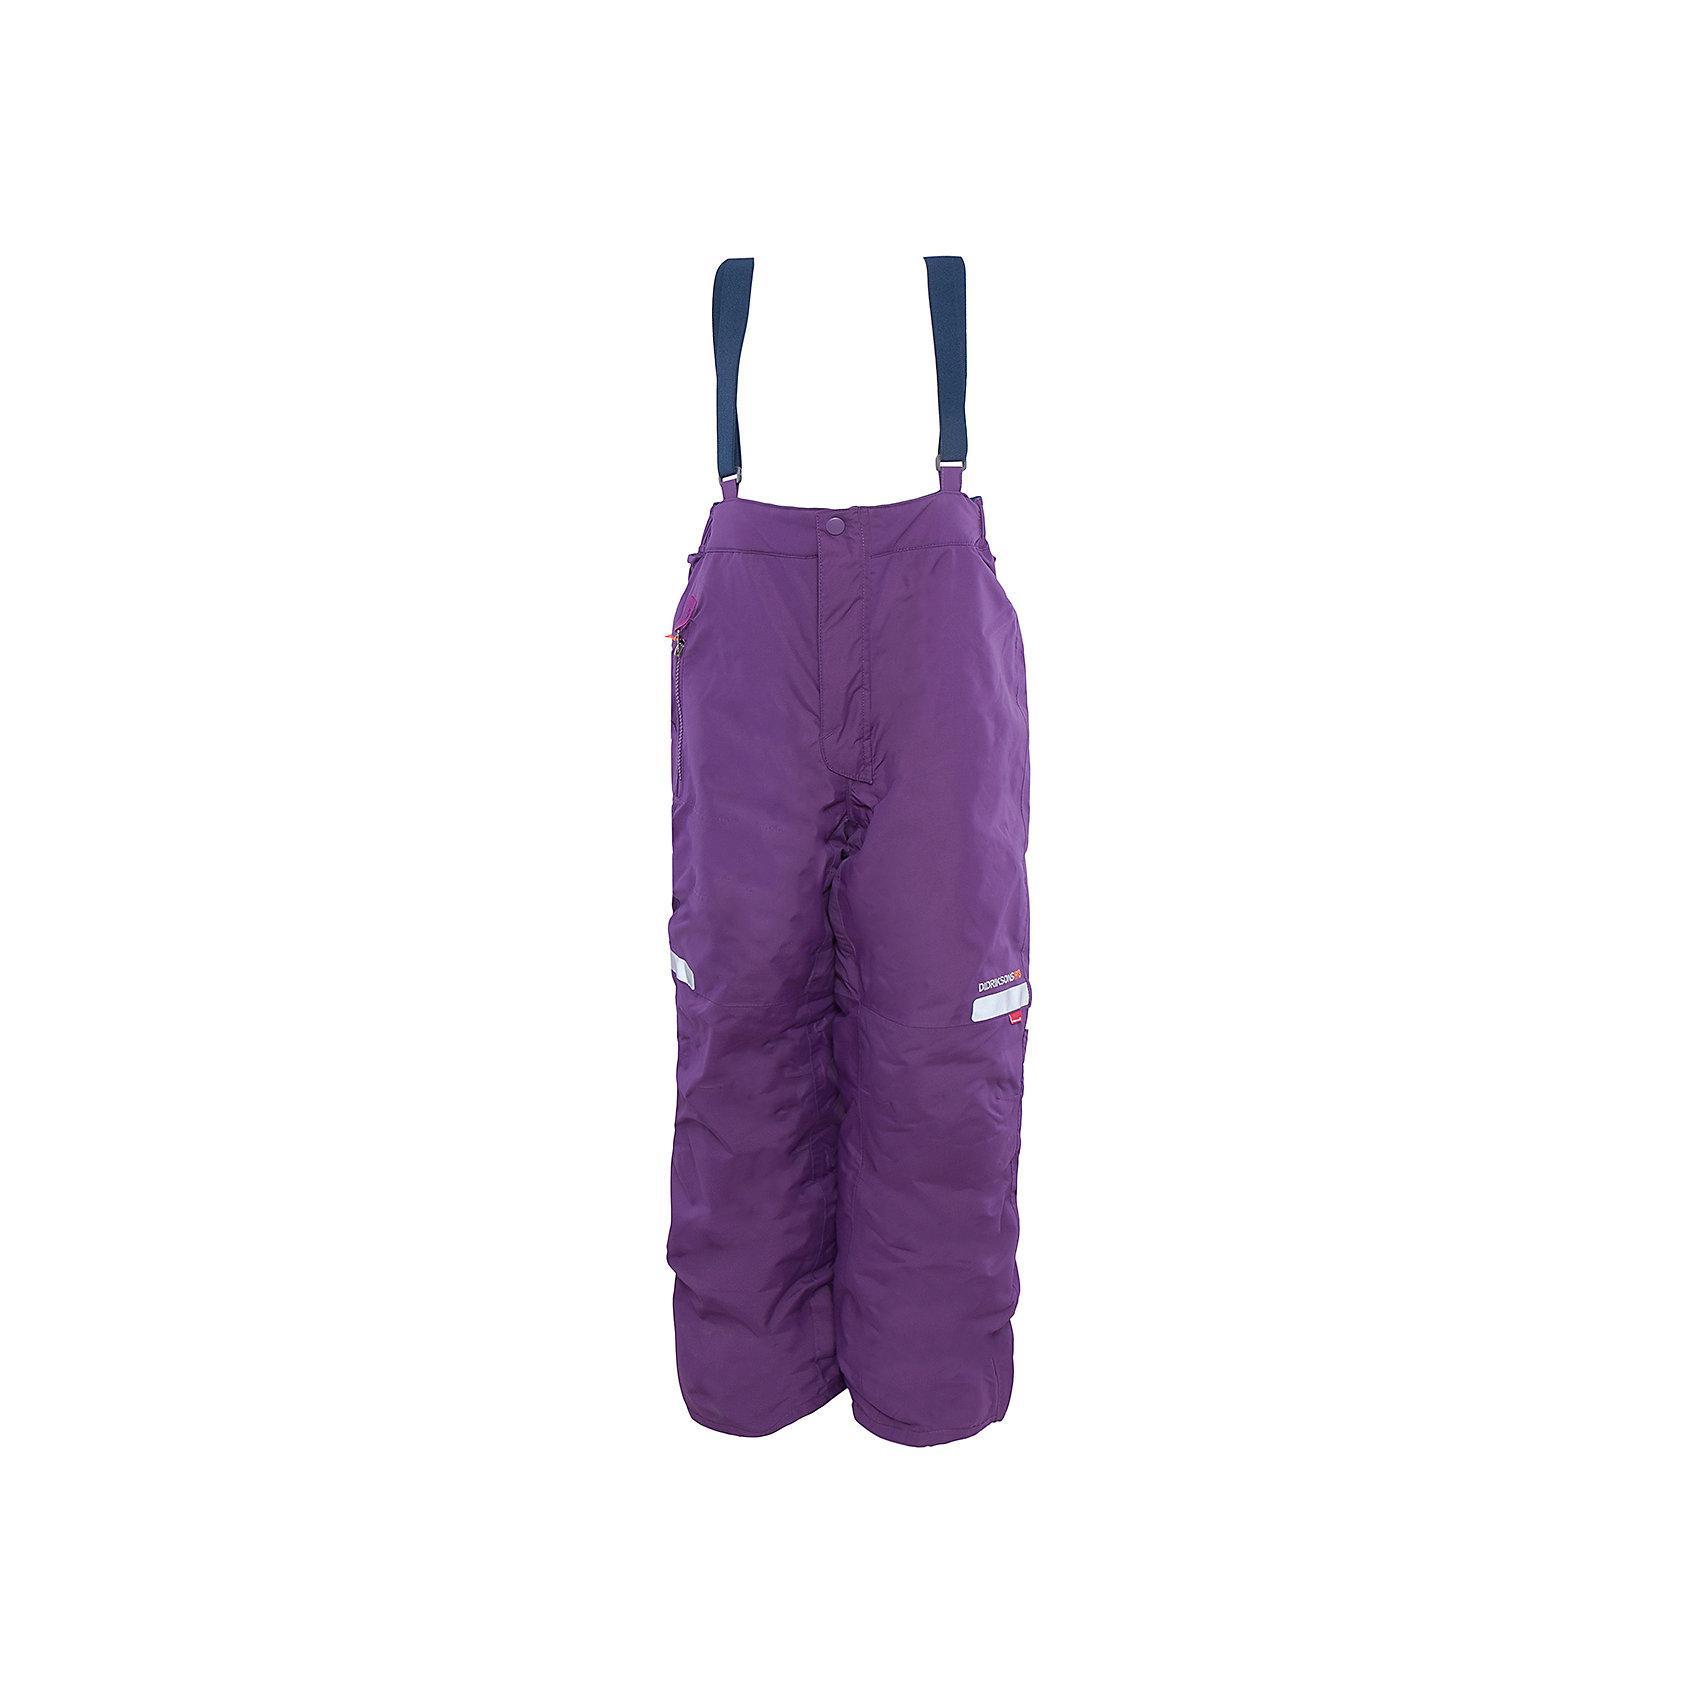 Брюки Amitola для девочки DIDRIKSONSХарактеристики товара:<br><br>• цвет: фиолетовый<br>• материал: 100% полиамид, подкладка 100% полиэстер<br>• утеплитель: 120 г/м<br>• сезон: зима<br>• температурный режим от +5 до -20<br>• непромокаемая и непродуваемая мембранная ткань<br>• резинки для ботинок<br>• дополнительная пропитка верха<br>• прокленные швы<br>• талия и низ штанин регулируется<br>• внутренние гетры<br>• ширинка на молнии<br>• фиксированные лямки<br>• светоотражающие детали<br>• можно увеличить длину штанин на один размер <br>• страна бренда: Швеция<br>• страна производства: Китай<br><br>Такие брюки незаменимы в холодную и сырую погоду! Это не только стильно, но еще и очень комфортно, а также тепло. Они обеспечат ребенку удобство при прогулках и активном отдыхе зимой. Брюки от шведского производителя легко трансформируются под рост ребенка и погодные условия.<br>Модель сшита из мембранной ткани, которая позволяет телу дышать, но при этом не промокает и не продувается. Очень стильная и удобная модель! Изделие качественно выполнено, сделано из безопасных для детей материалов. <br><br>Брюки для девочки от бренда DIDRIKSONS можно купить в нашем интернет-магазине.<br><br>Ширина мм: 215<br>Глубина мм: 88<br>Высота мм: 191<br>Вес г: 336<br>Цвет: фиолетовый<br>Возраст от месяцев: 12<br>Возраст до месяцев: 15<br>Пол: Женский<br>Возраст: Детский<br>Размер: 80,140,120,110,100,90<br>SKU: 5003855